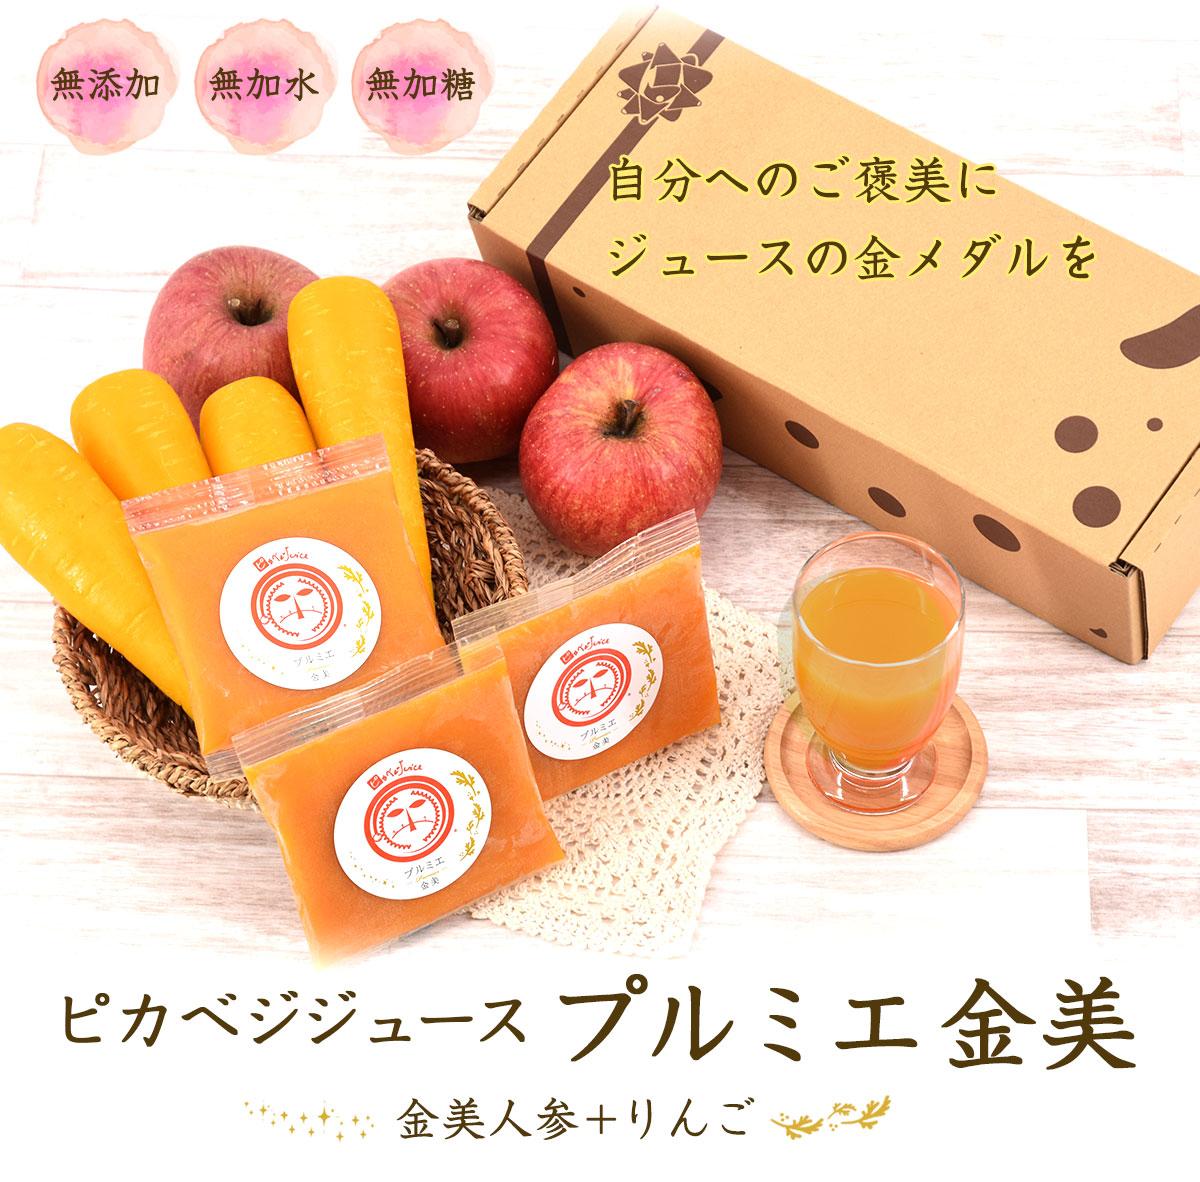 冷凍ピカベジジュース プルミエ金美 1箱(100cc×15パック) 無添加 人参ジュース 無農薬金美人参